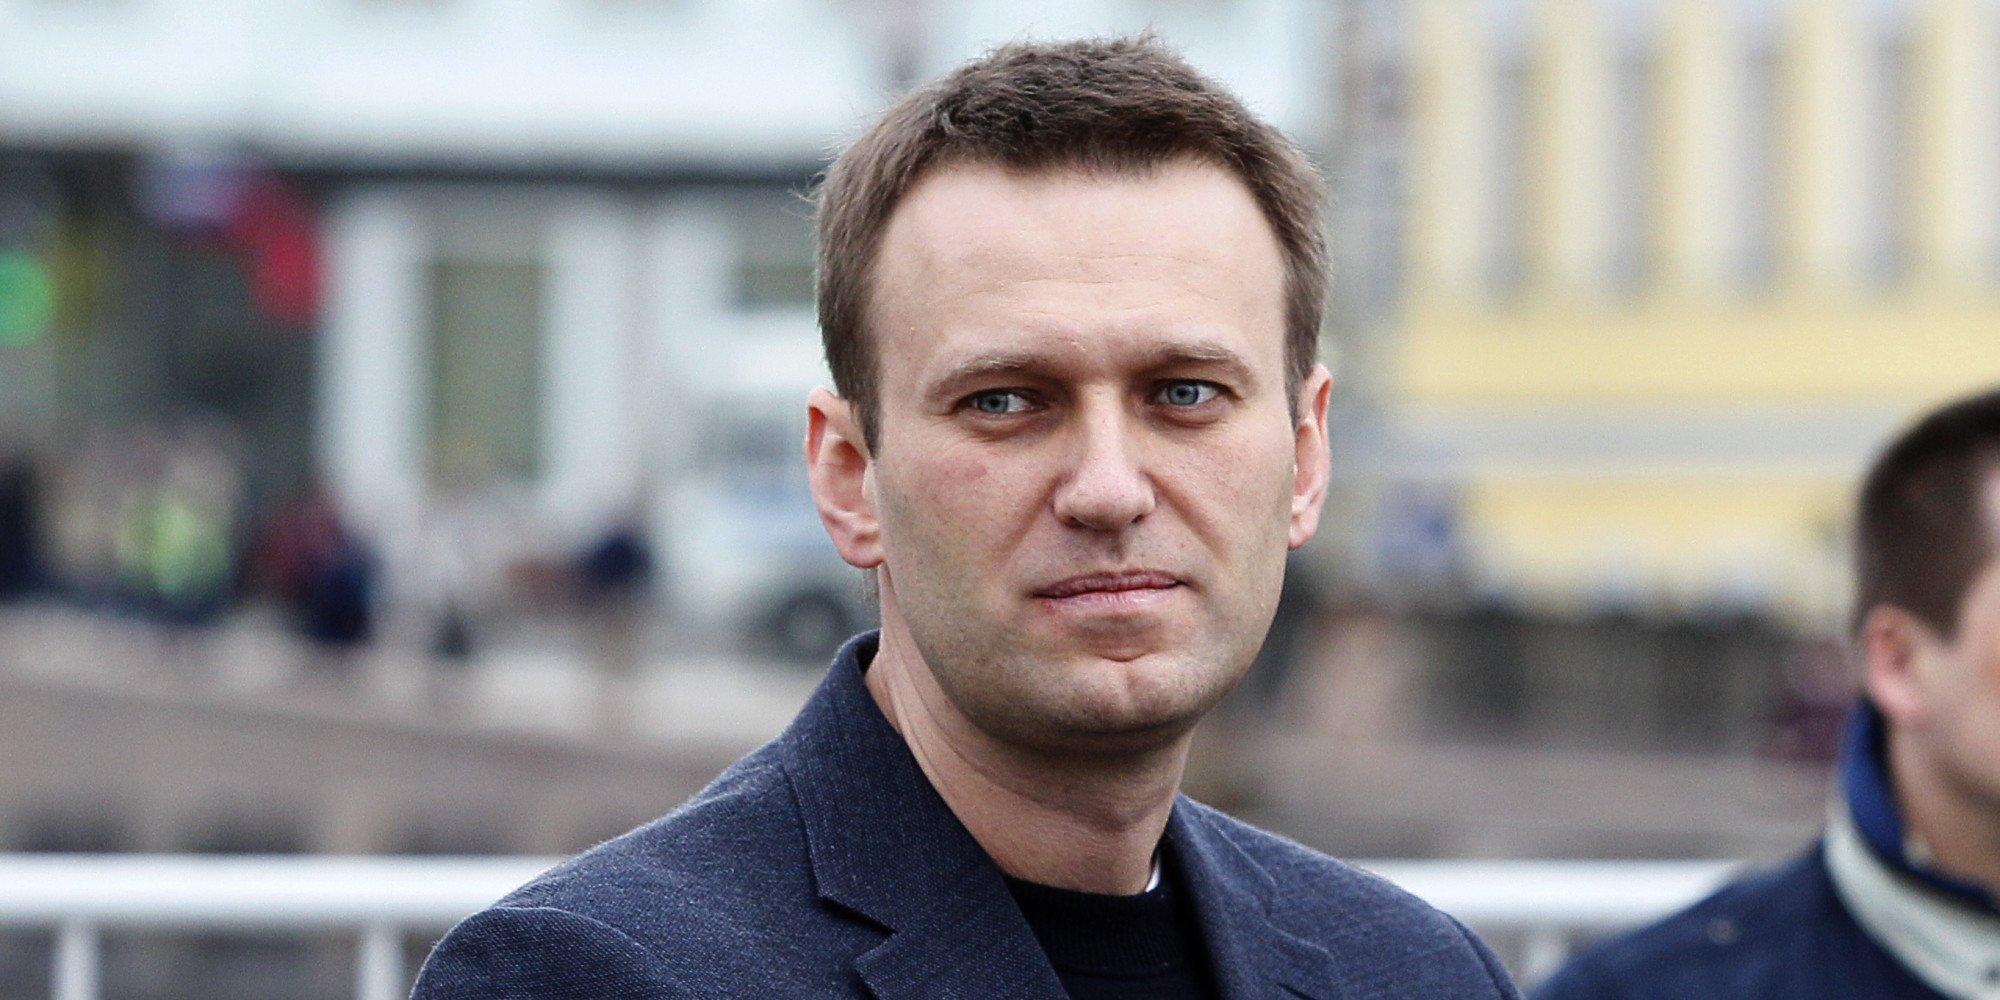 Алексей Навальный госпитализирован с отравлением. Политик в Реанимации